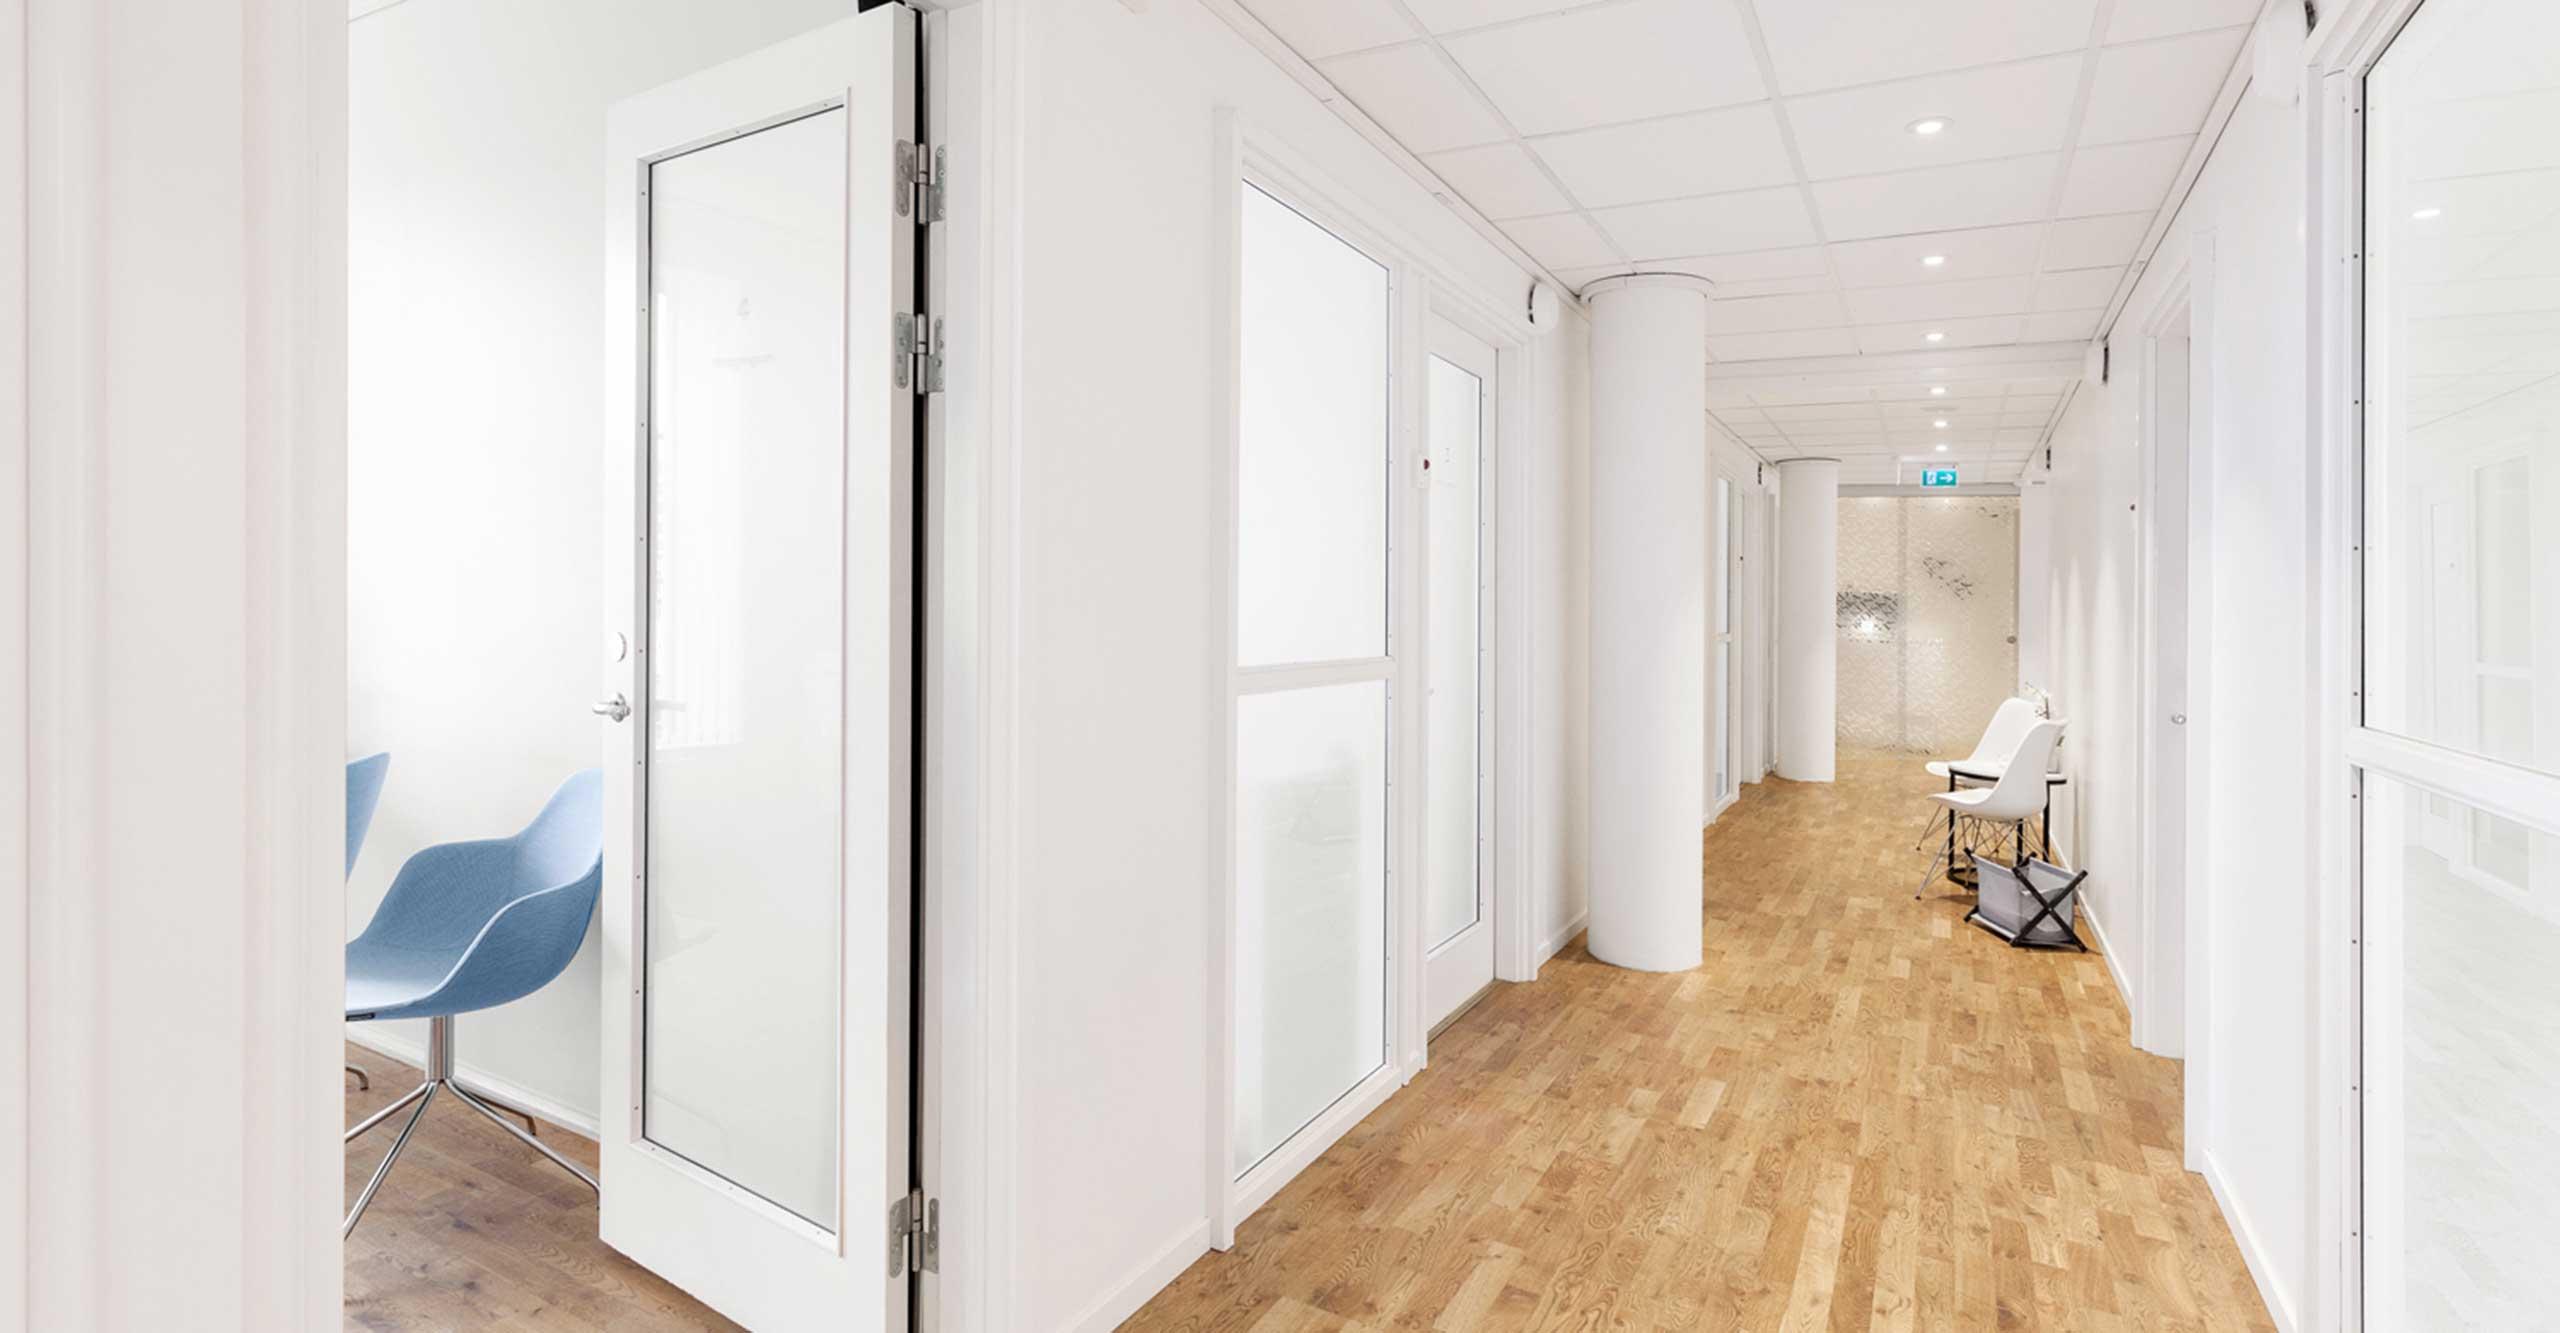 Nordiska Kliniken lokaler